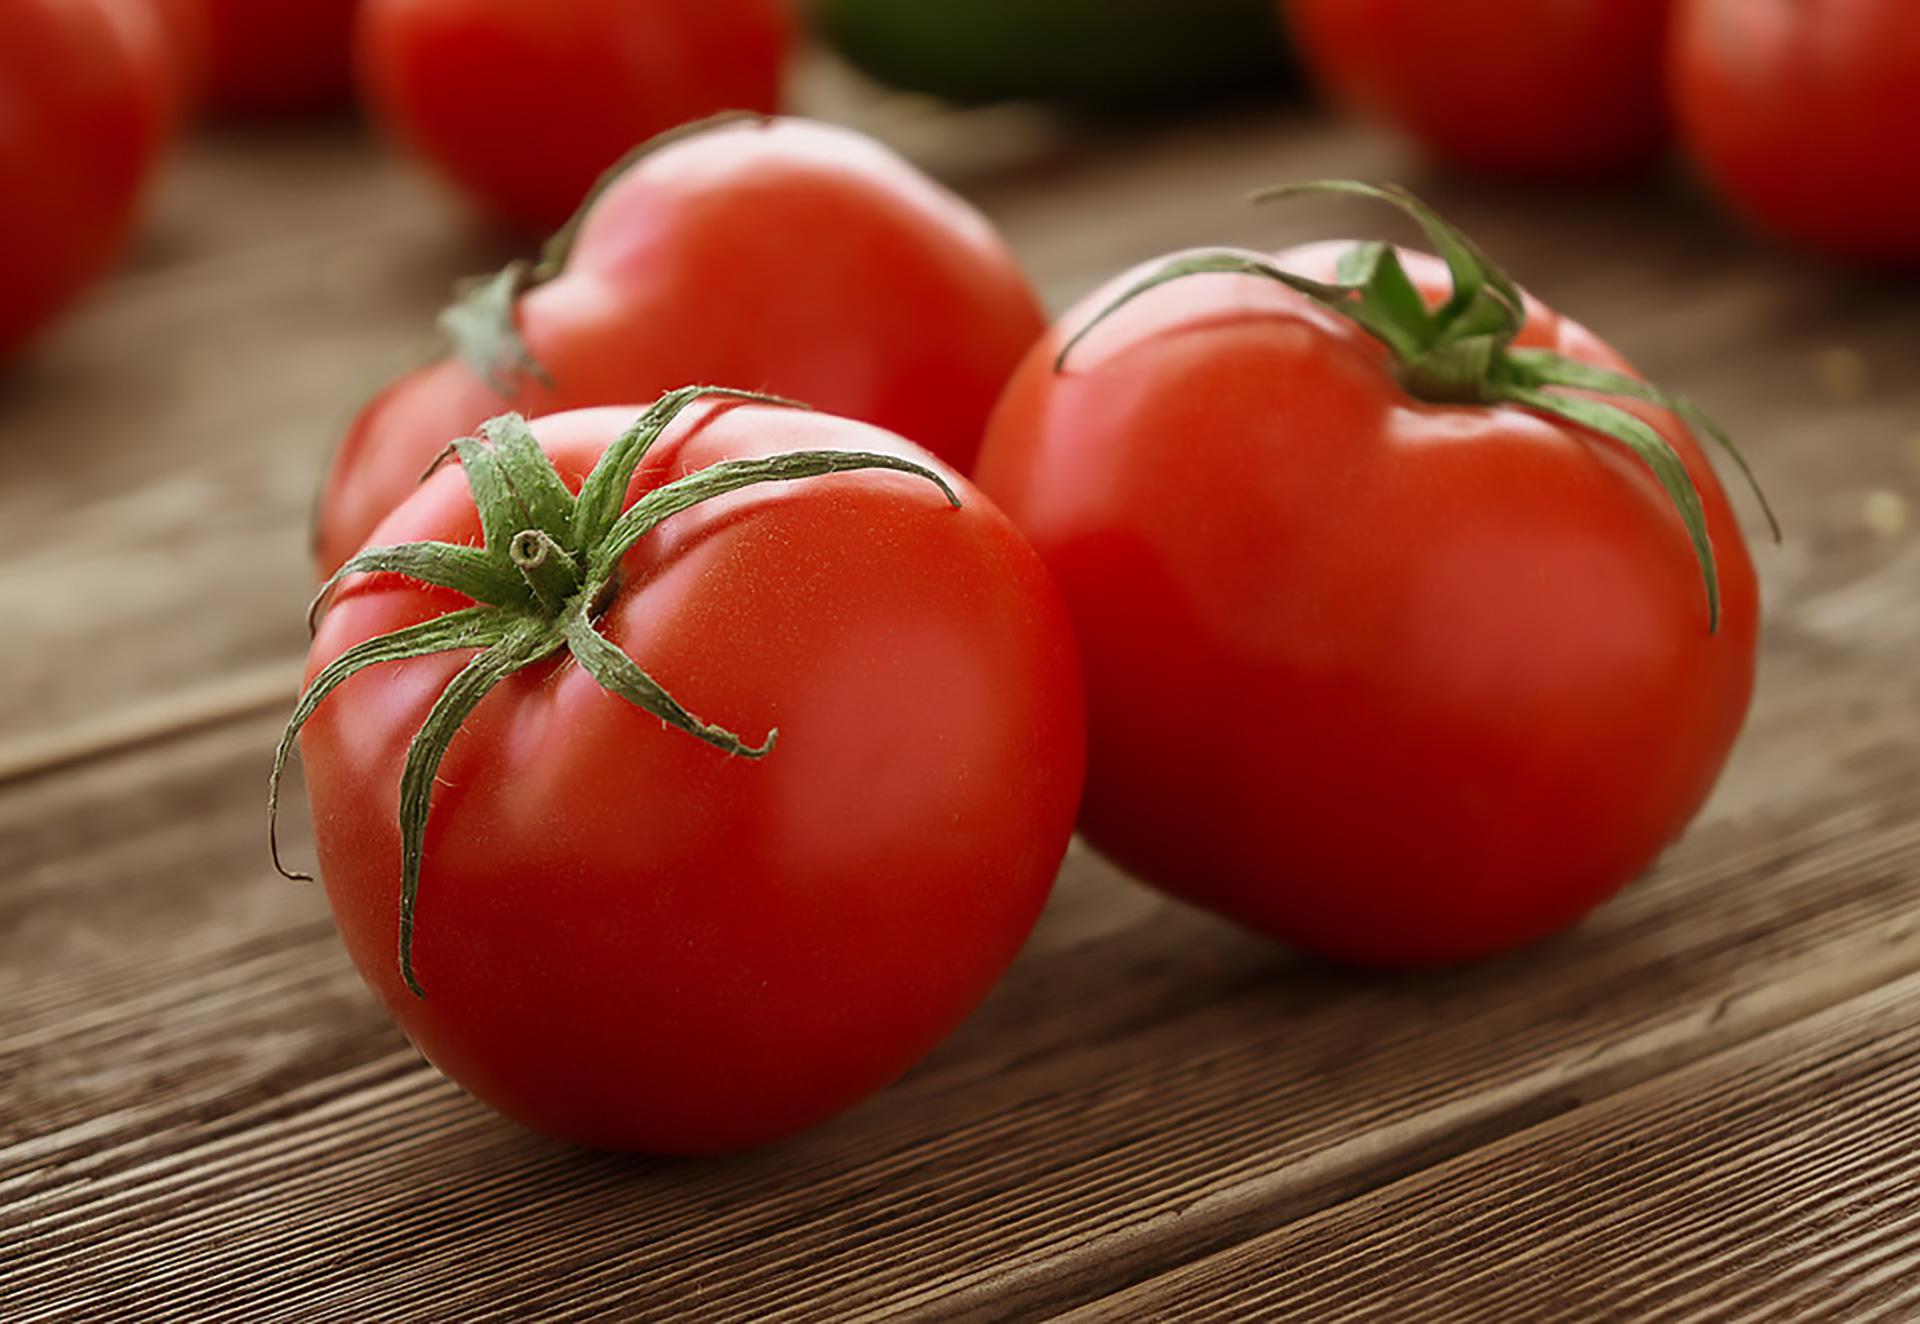 فوائد تناول الطماطم للبشرة